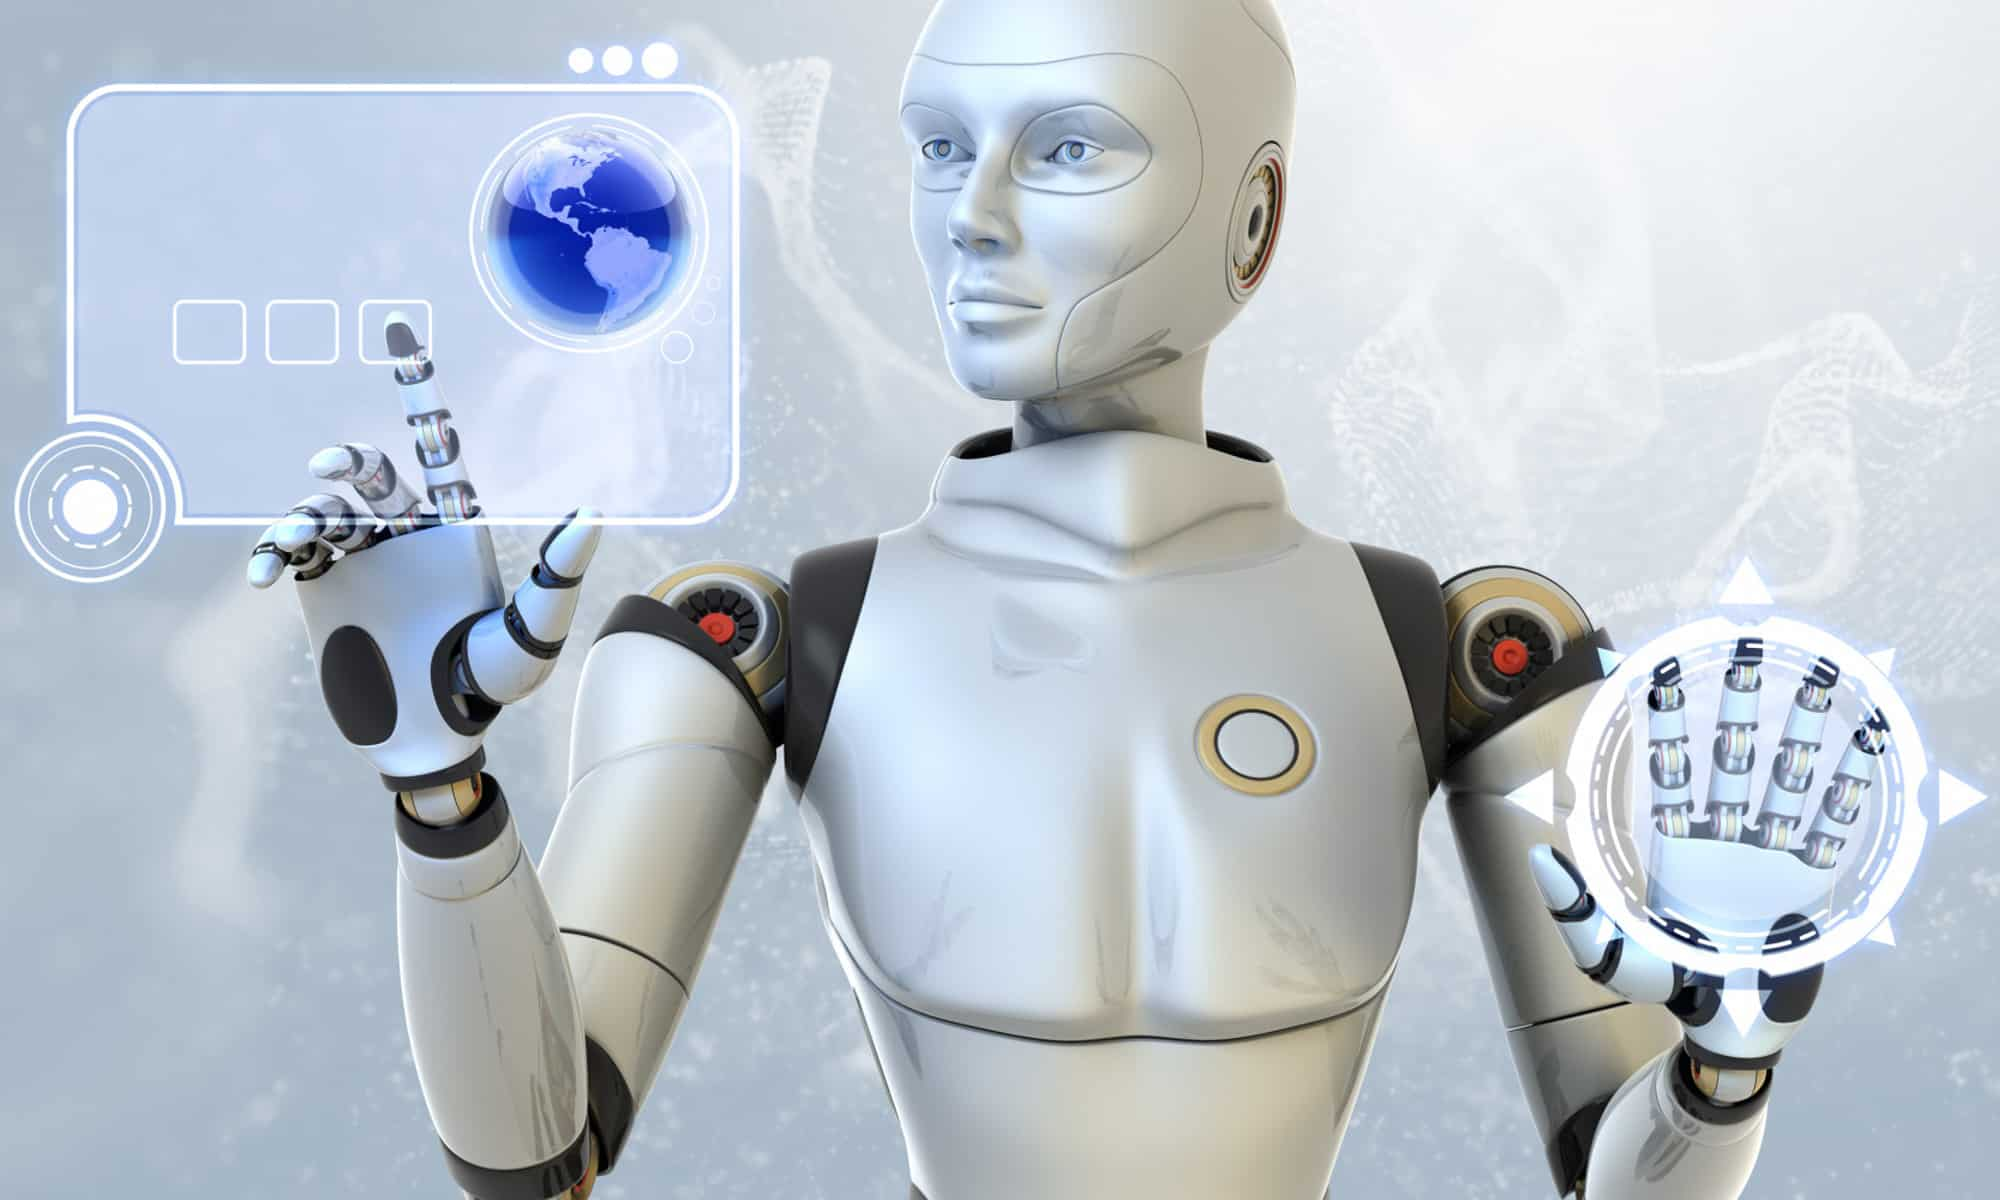 3d32268abdf38333ab63cdc3c7a6bba3 إيلون ماسك: الحرب العالمية الثالثة سيقودها الذكاء الاصطناعي